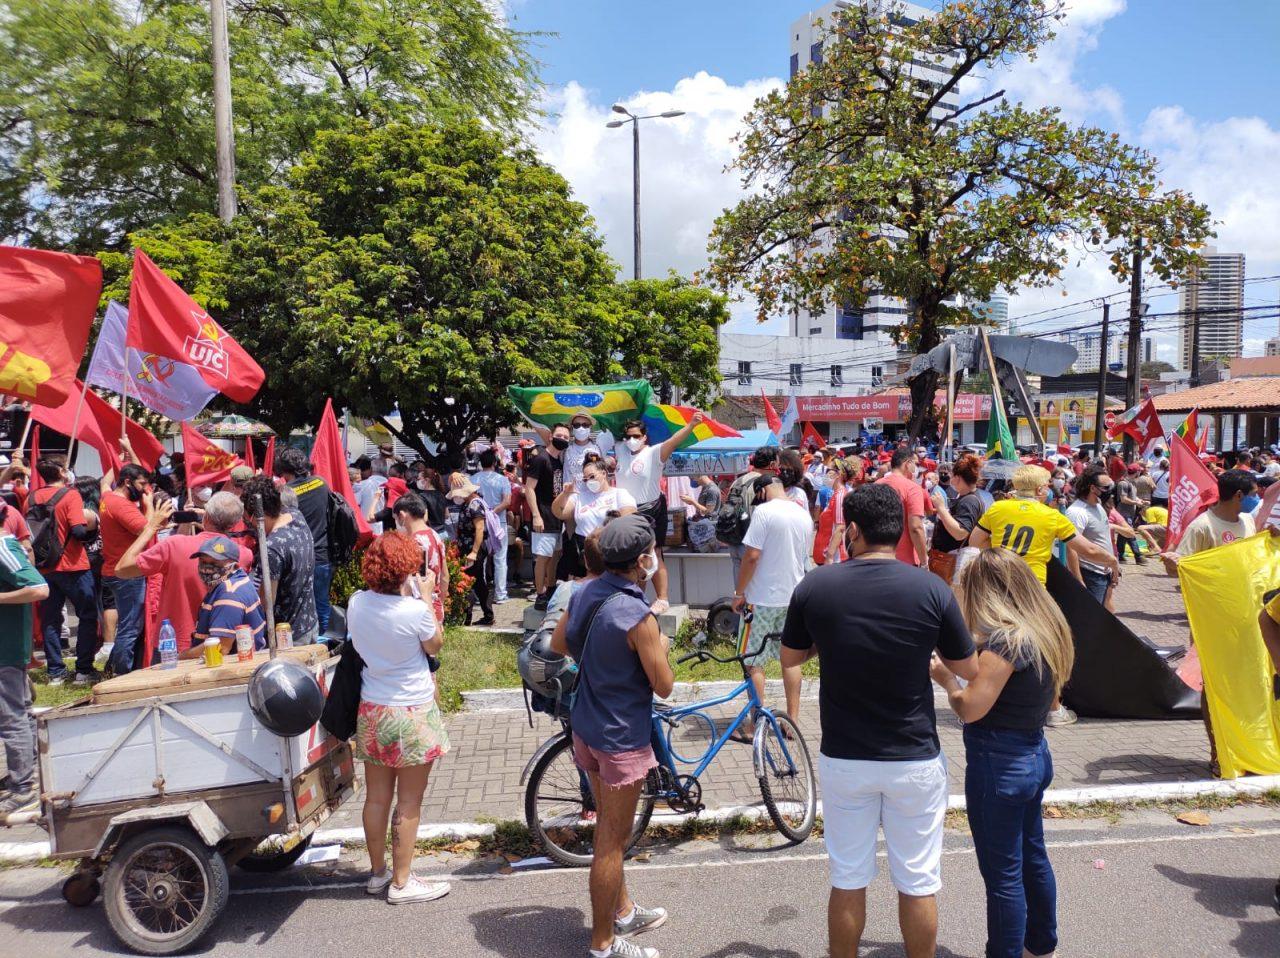 WhatsApp Image 2021 09 07 at 10.29.00 scaled - GRITO DOS EXCLUÍDOS: Manifestantes iniciam atos no Dia da Pátria em João Pessoa - VEJA VÍDEO